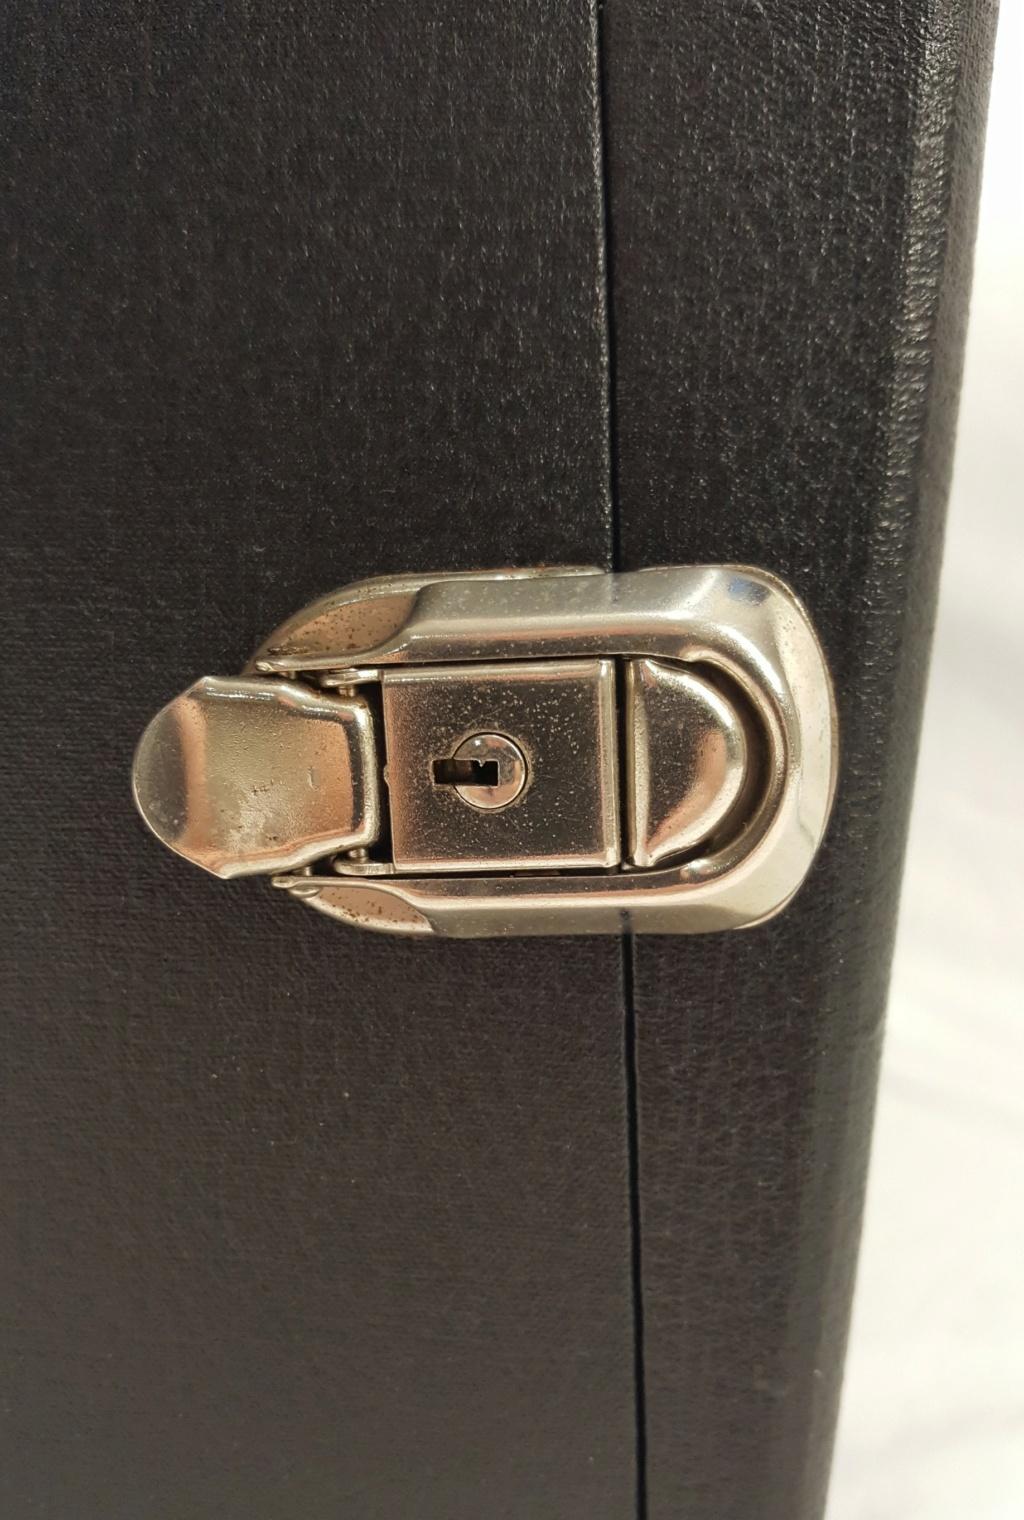 Pistol Box Keys 20200811